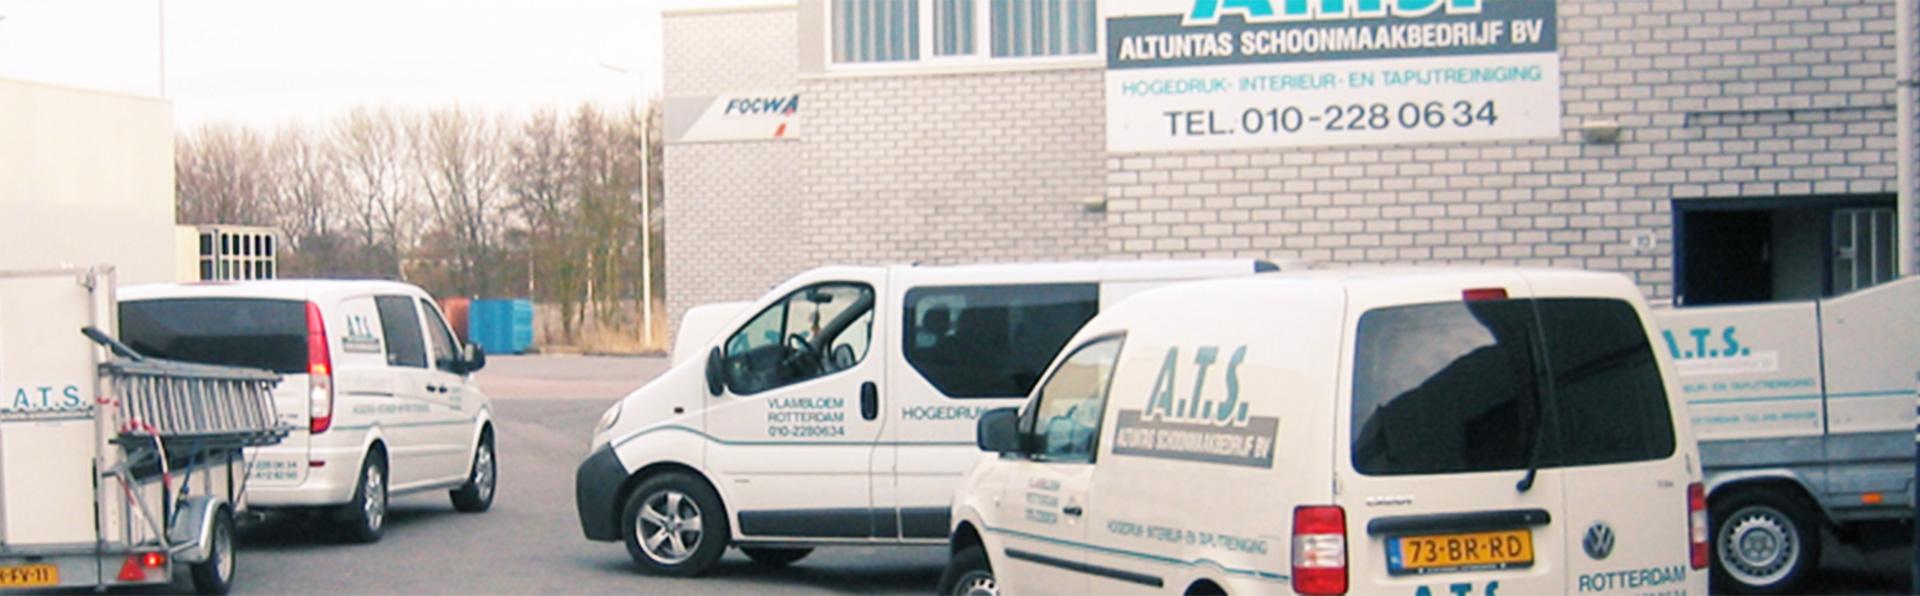 Schoonmaakbedrijf-Roosendaal-ATS-header